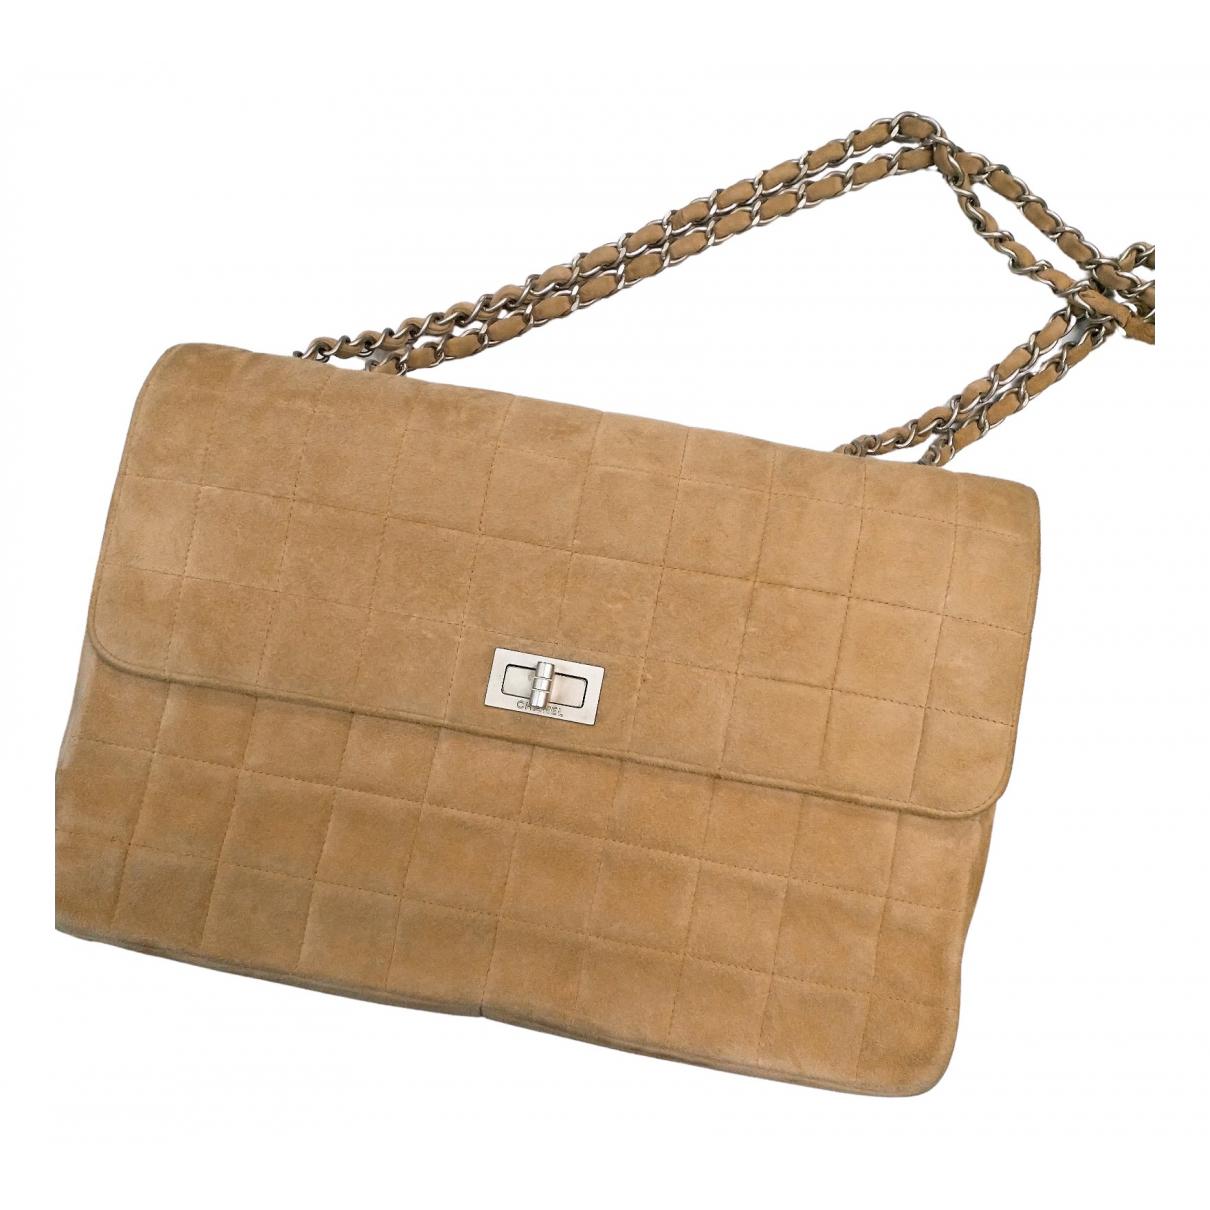 Chanel - Sac a main   pour femme en suede - beige